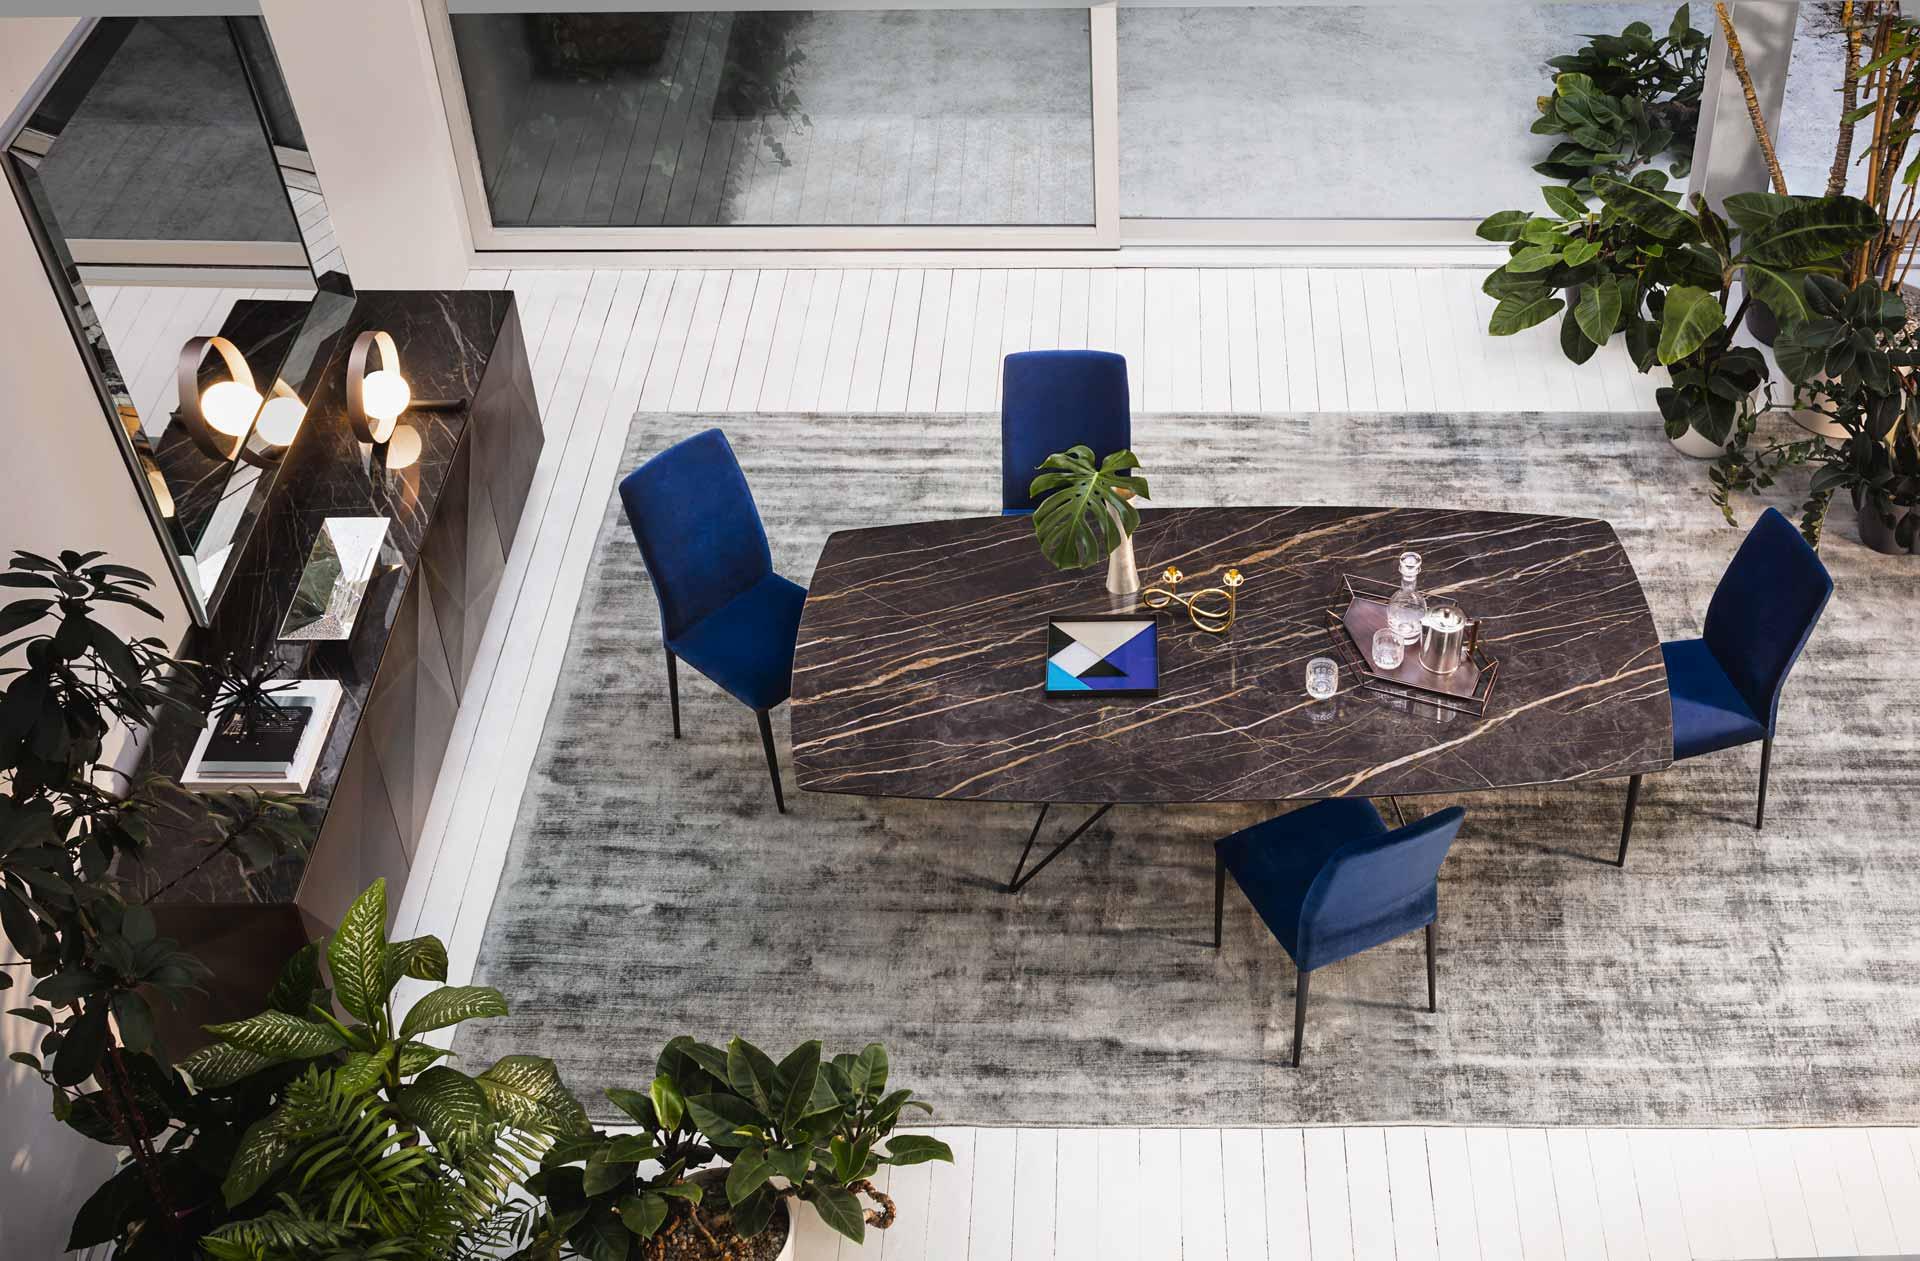 San giacomo arredamenti idee di interior design per la for Bardiani arredamenti